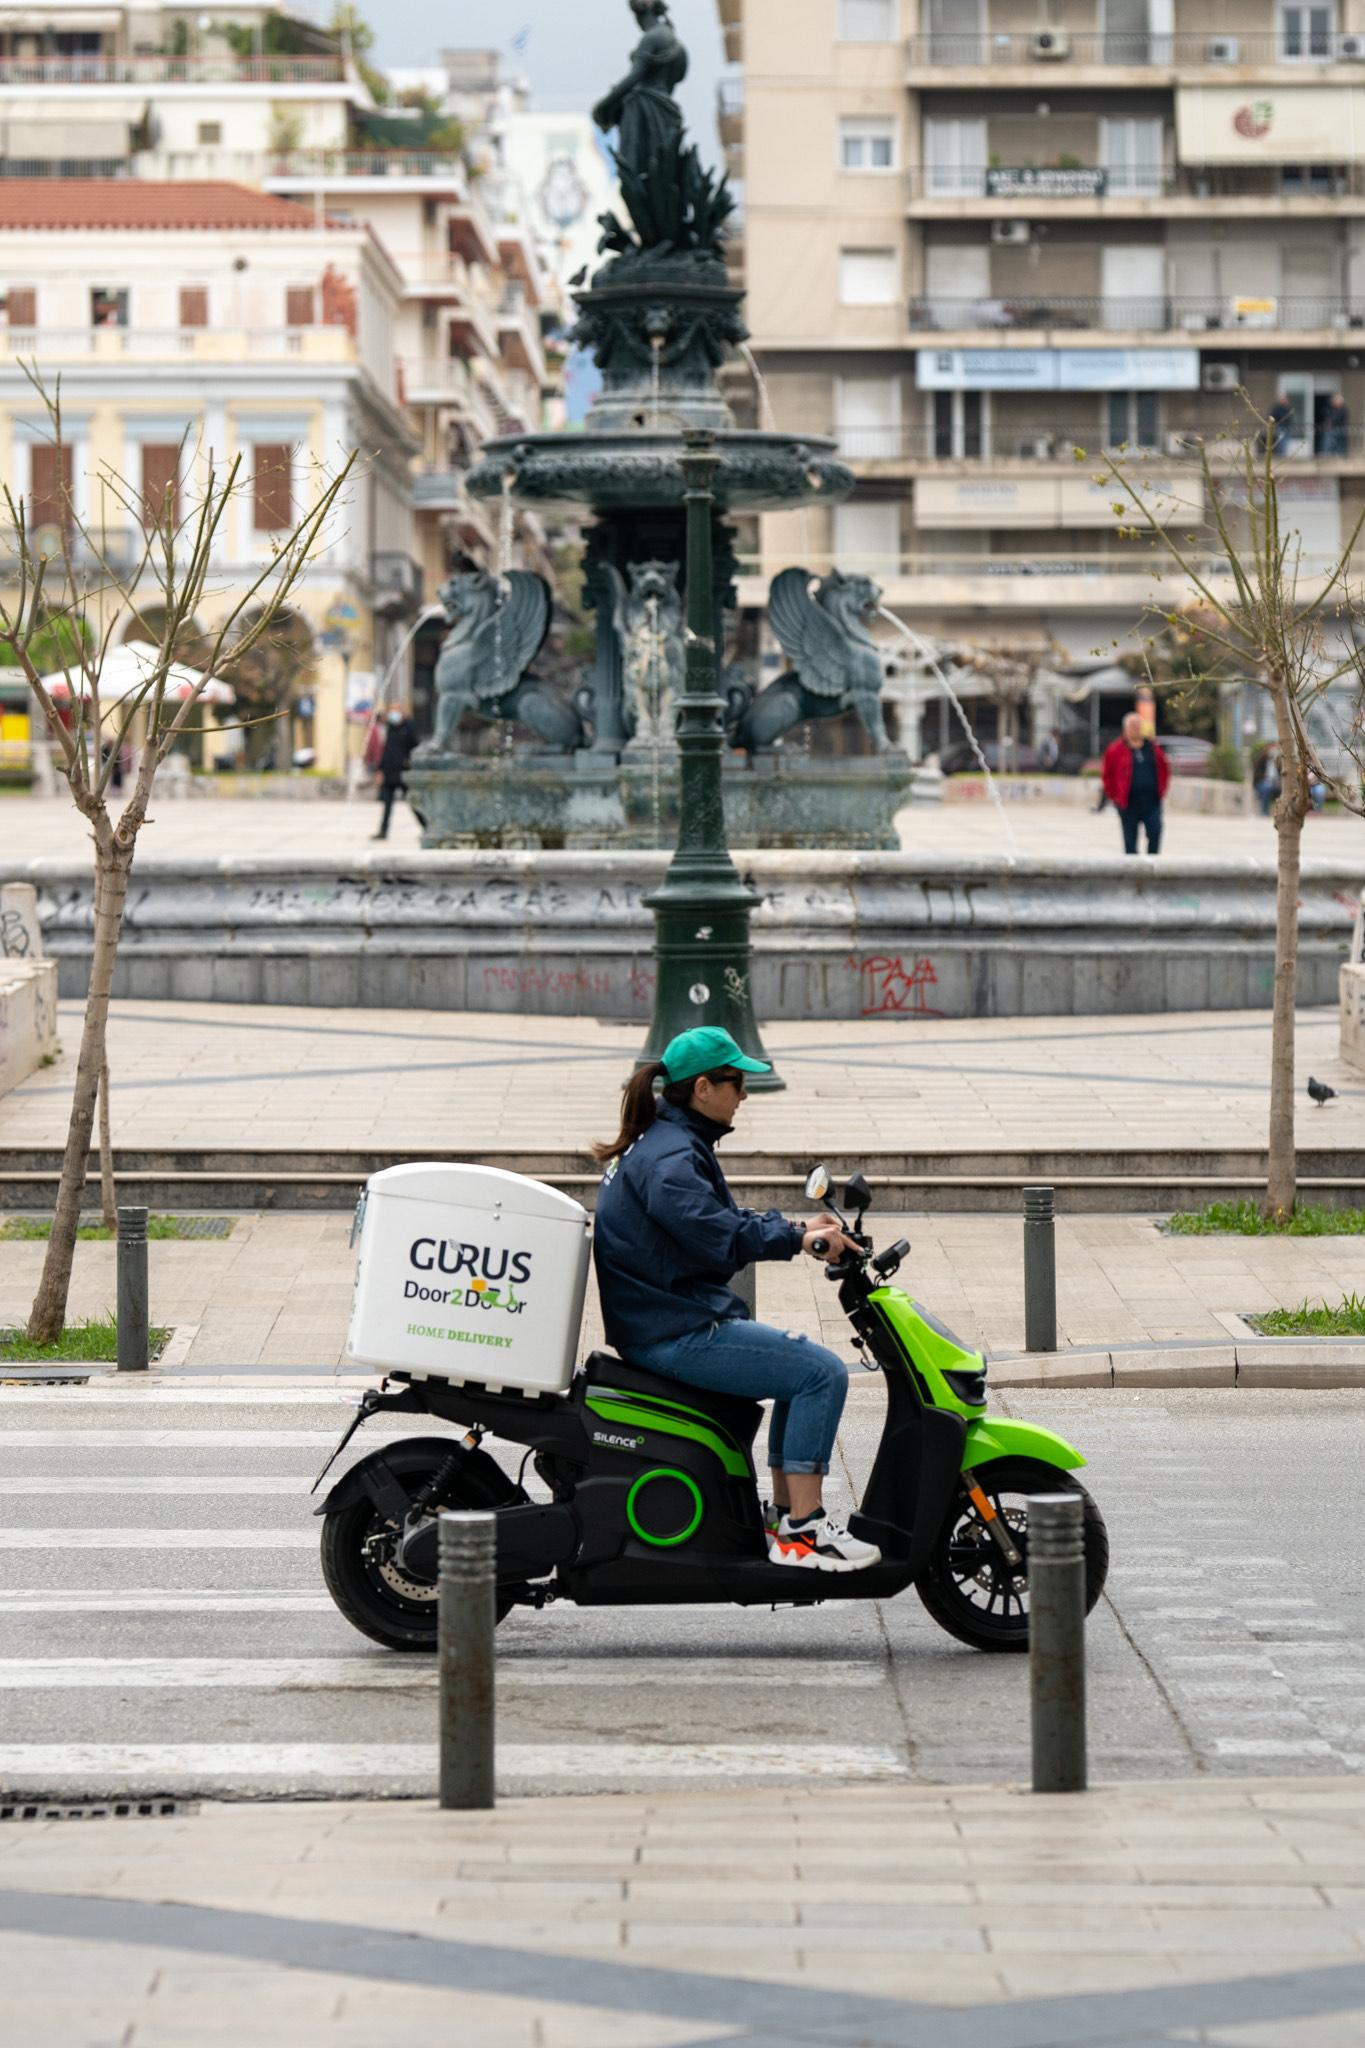 """image 6483441 4 Gurus Door2Door: Η startup απο την Πάτρα που κάνει """"πράσινες"""" τις μεταφορές Gurus Door2Door Delivery, startup, ειδήσεις, καινοτομία, Νέα"""